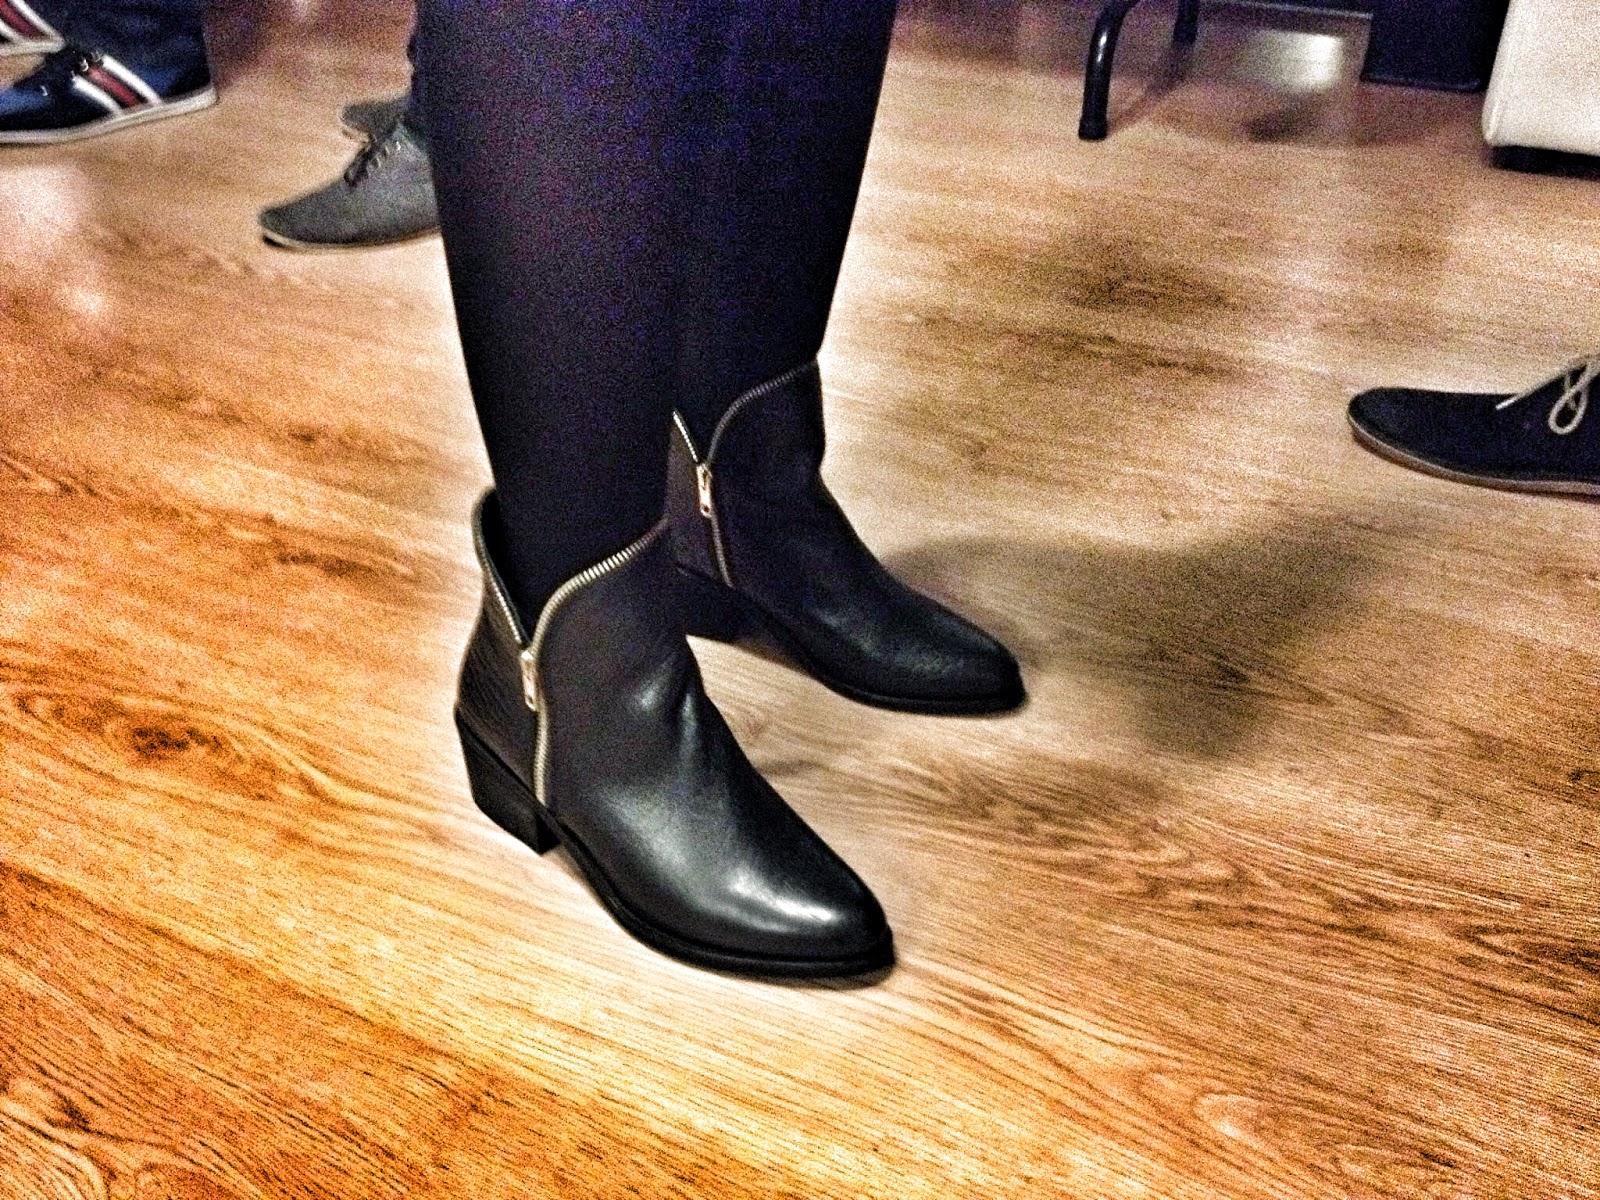 #Unaestrellaenigerslpa-elblogdepatricia-instameet-shoes